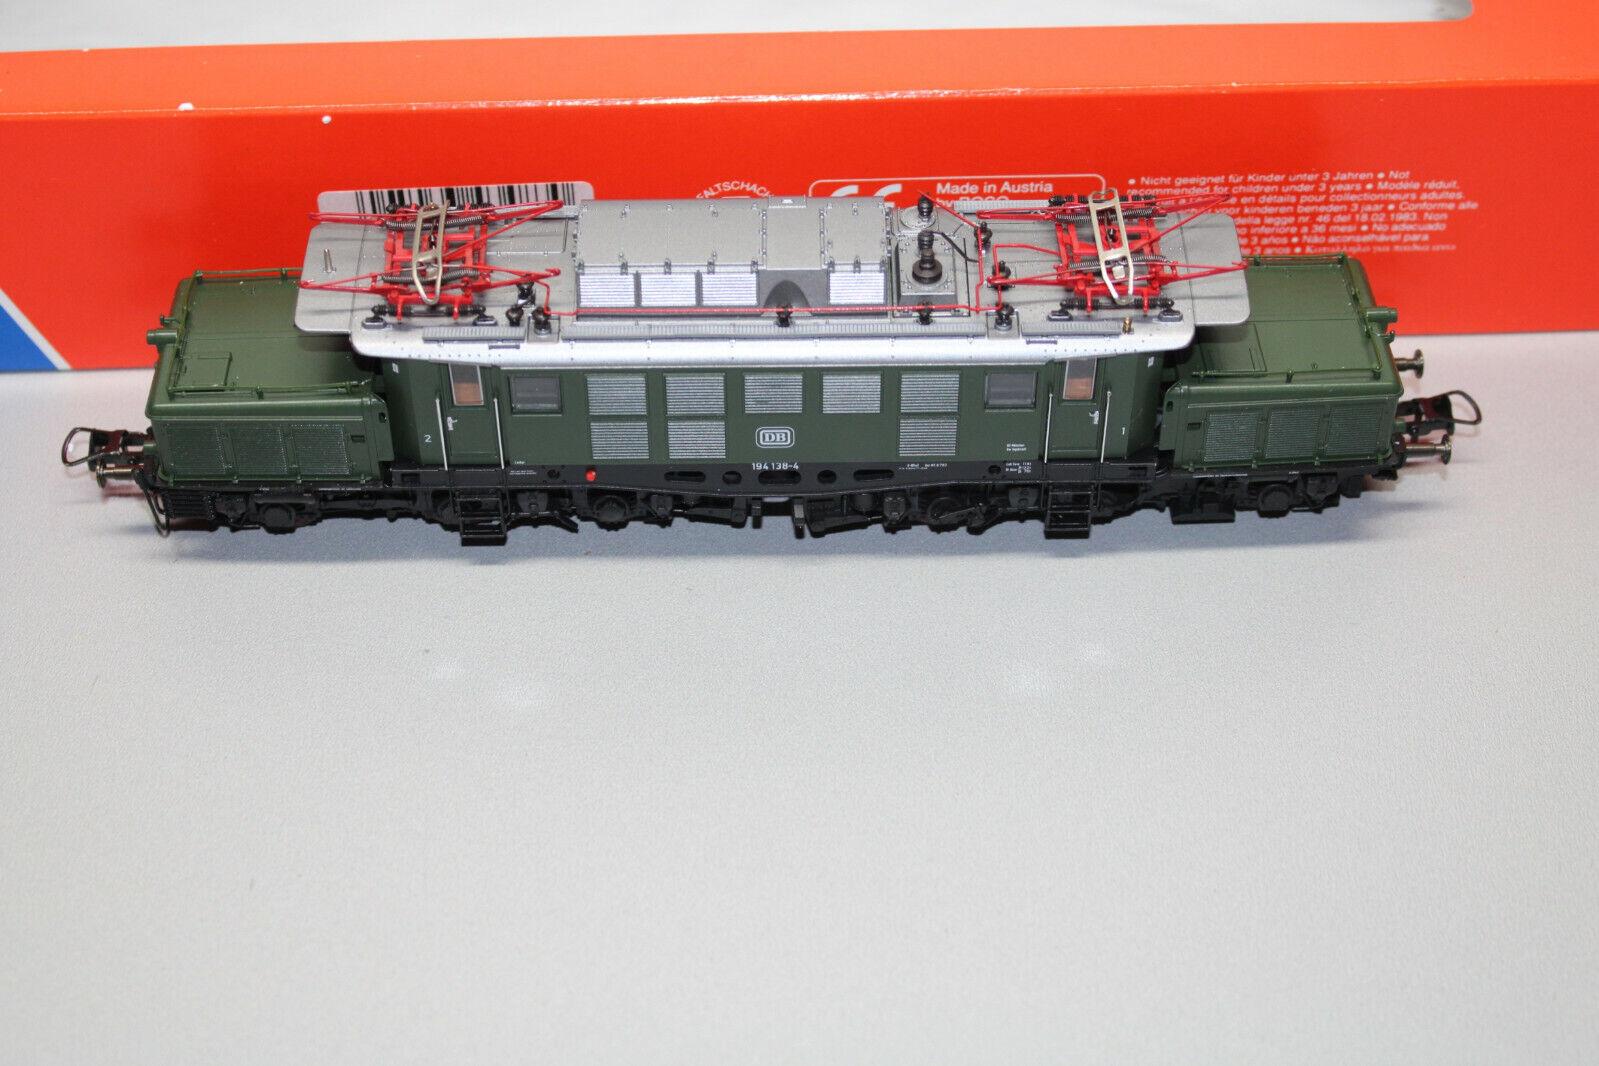 ロコ43483電気機関車シリーズ194 138 - 4 DBグリーンスケールH 0 EMB。オリグ